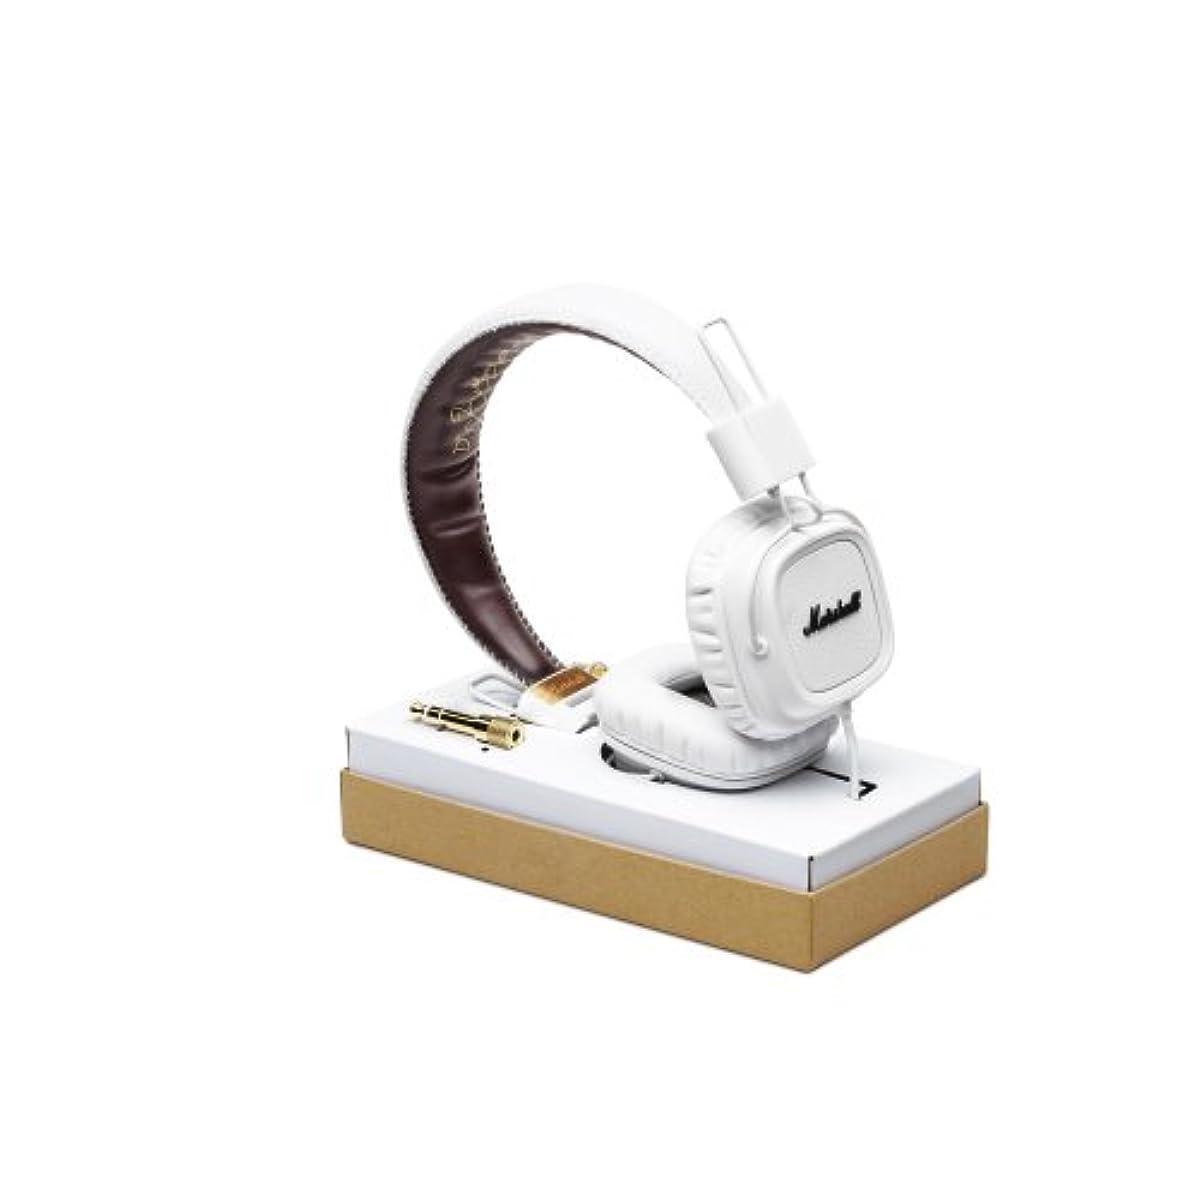 [해외] MARSHALL HEADPHONES 마샬 헤드폰 MAJOR FX 메이저FX  WHITE/화이트  1년건 보증